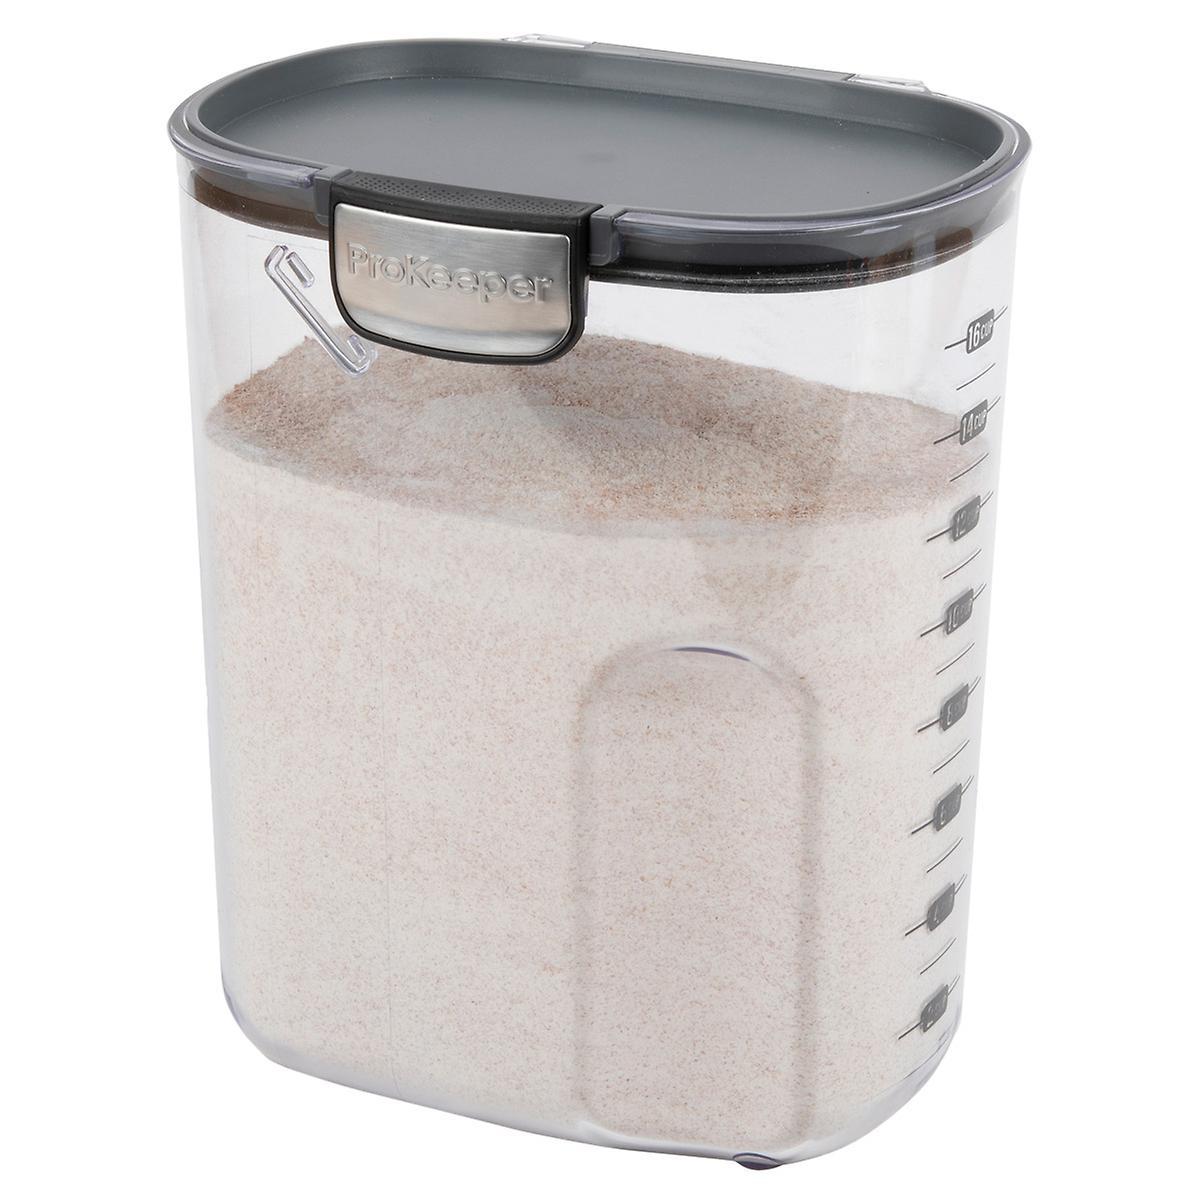 Progressive ProKeeper 4 qt. Flour Container